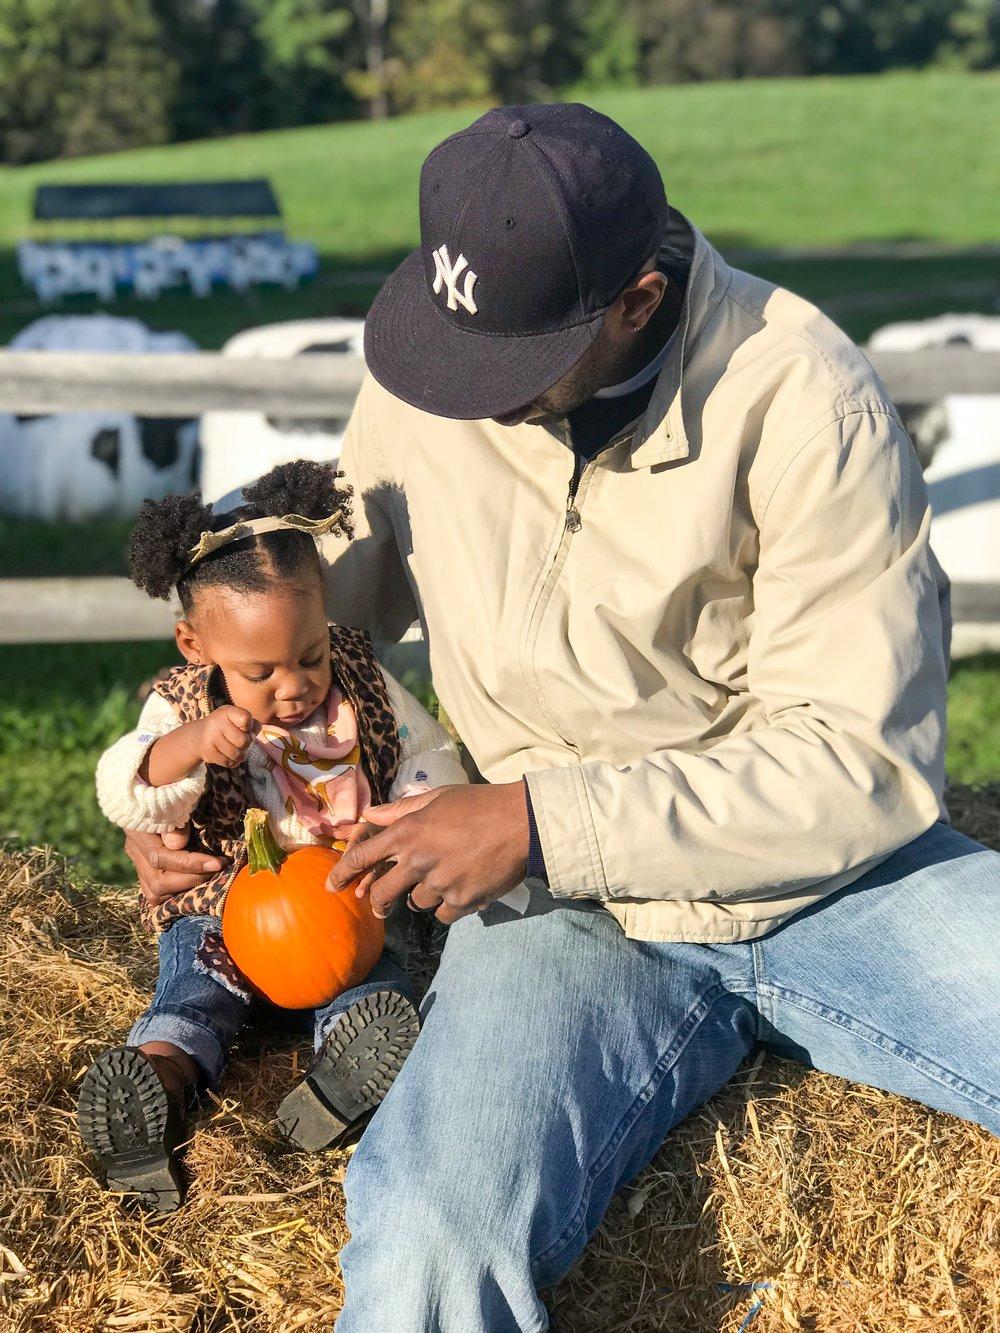 fall family fun at Clark's Elioak Farm | Pish Posh Perfect